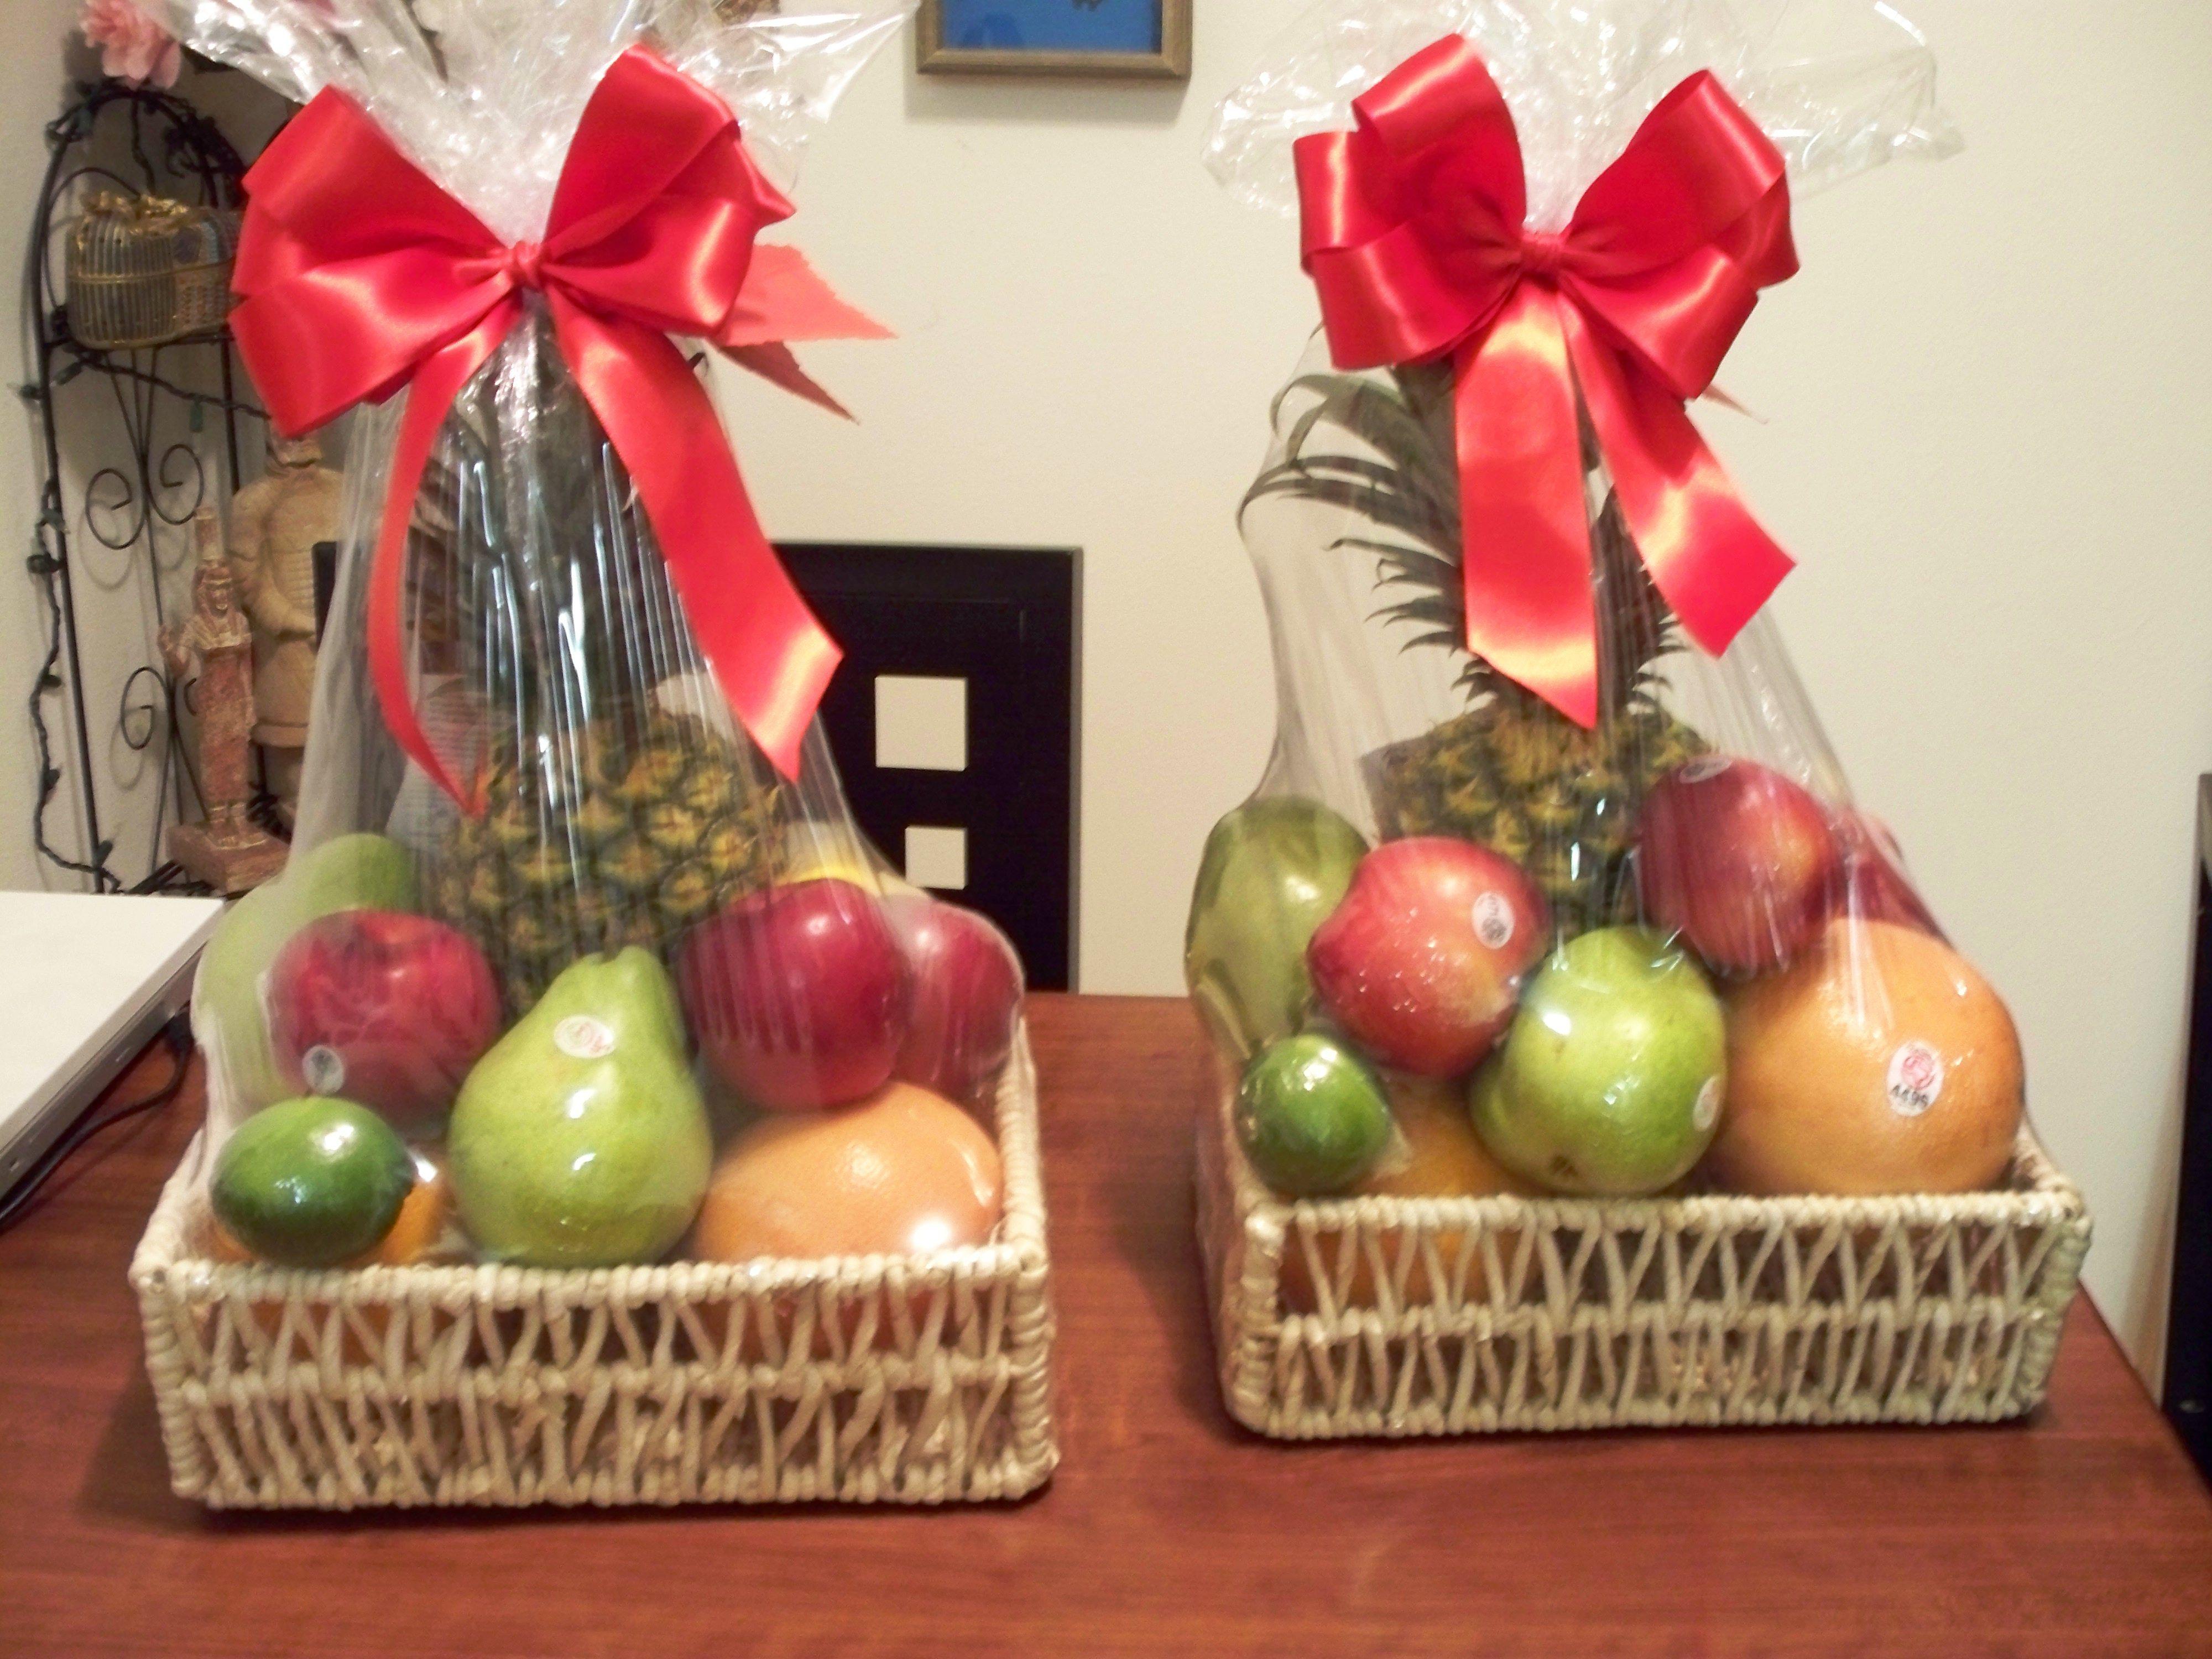 Fruit Baskets Cestas De Frutas De Regalo Canasta De Frutas Arreglos De Frutas